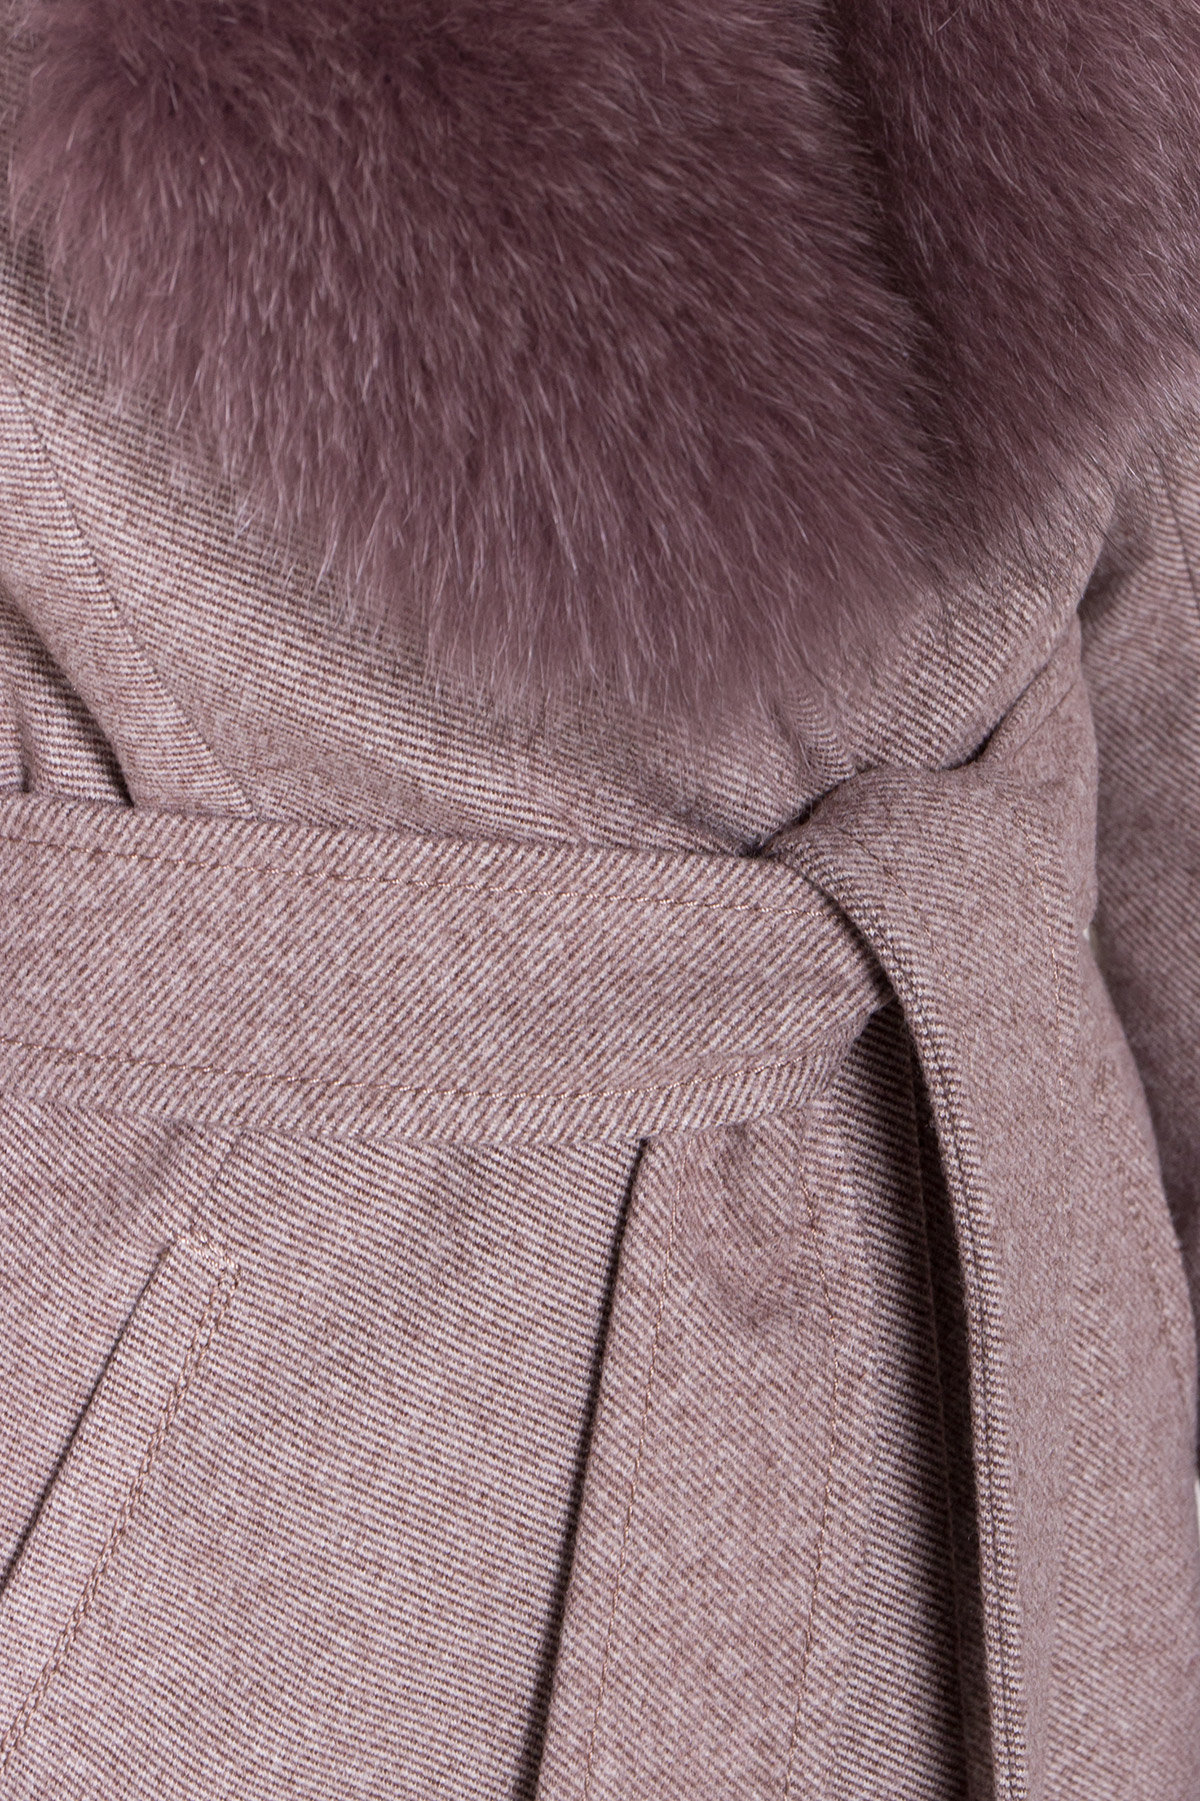 Зимнее пальто с роскошным воротником из песца Камила классик 8489 АРТ. 44779 Цвет: Шоколадный меланж - фото 6, интернет магазин tm-modus.ru